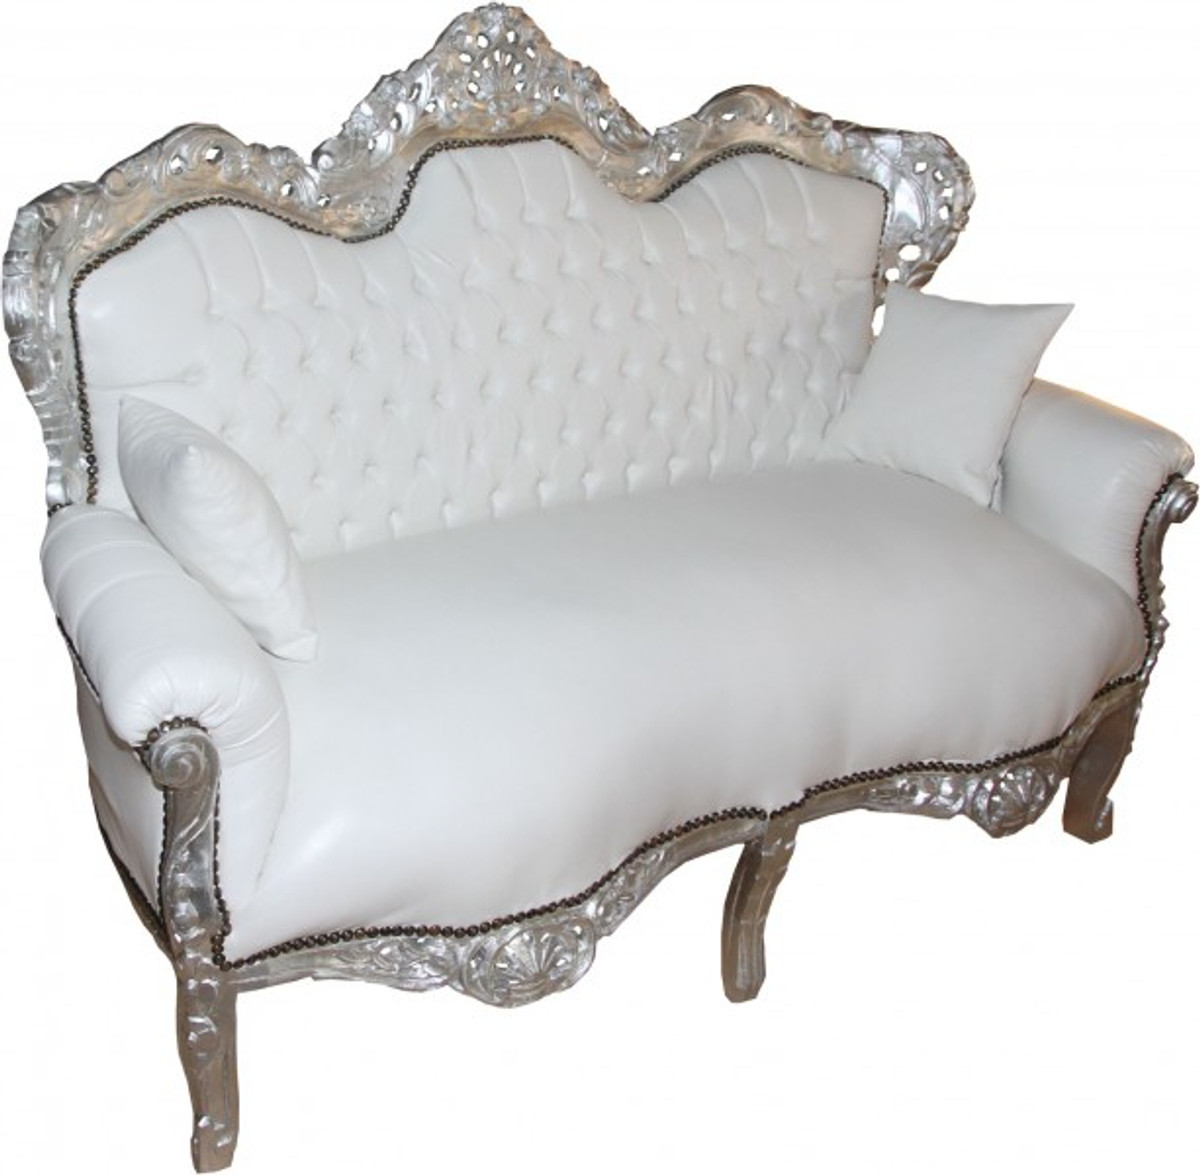 casa padrino barock 2 er sofa king wei lederoptik silber wohnzimmer couch m bel lounge. Black Bedroom Furniture Sets. Home Design Ideas